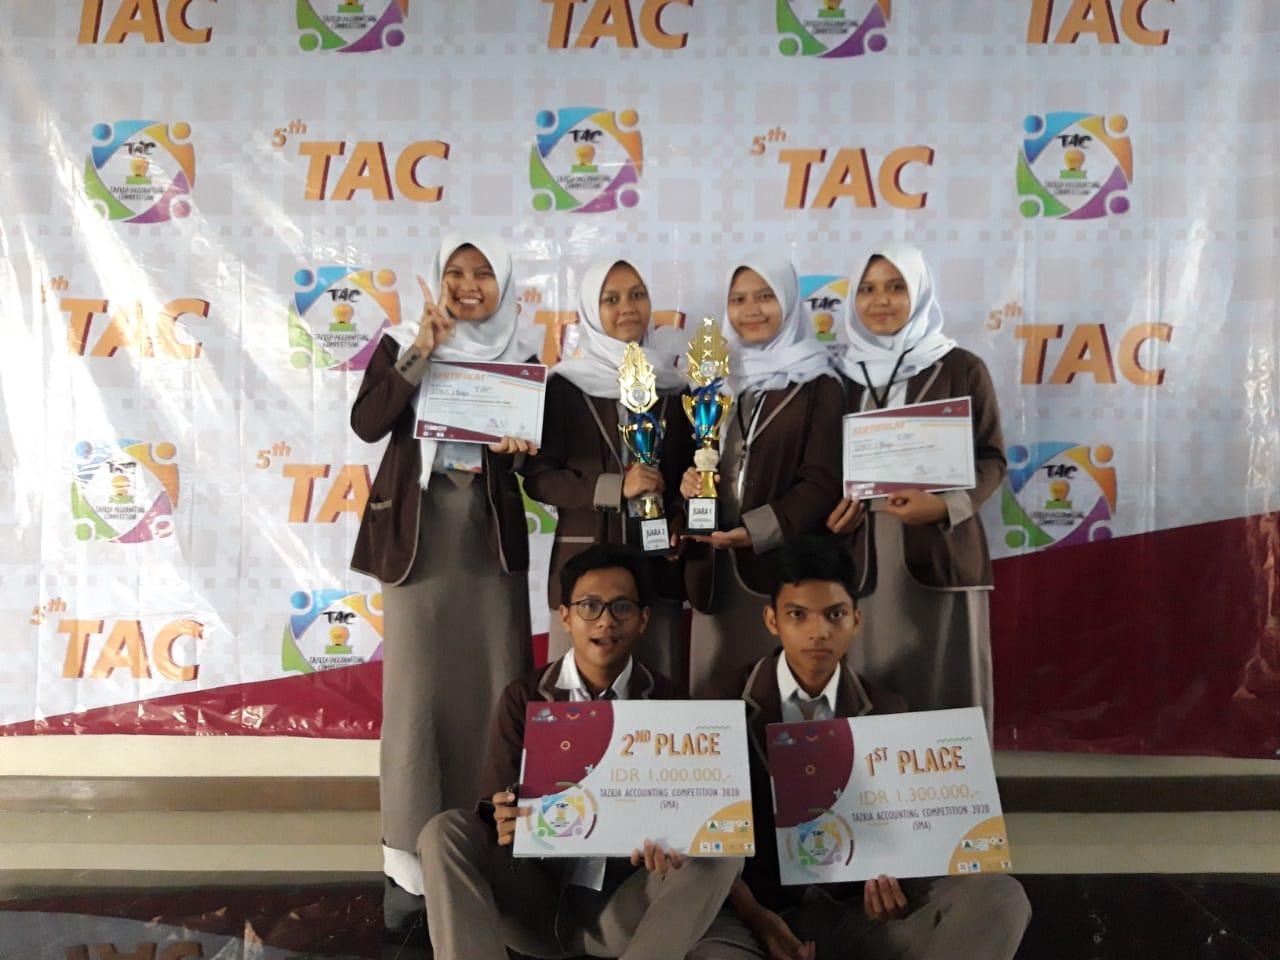 Juara 1 & 2 Lomba Akuntansi di STIE TAZKIA ( Tazkia Accounting Competition )